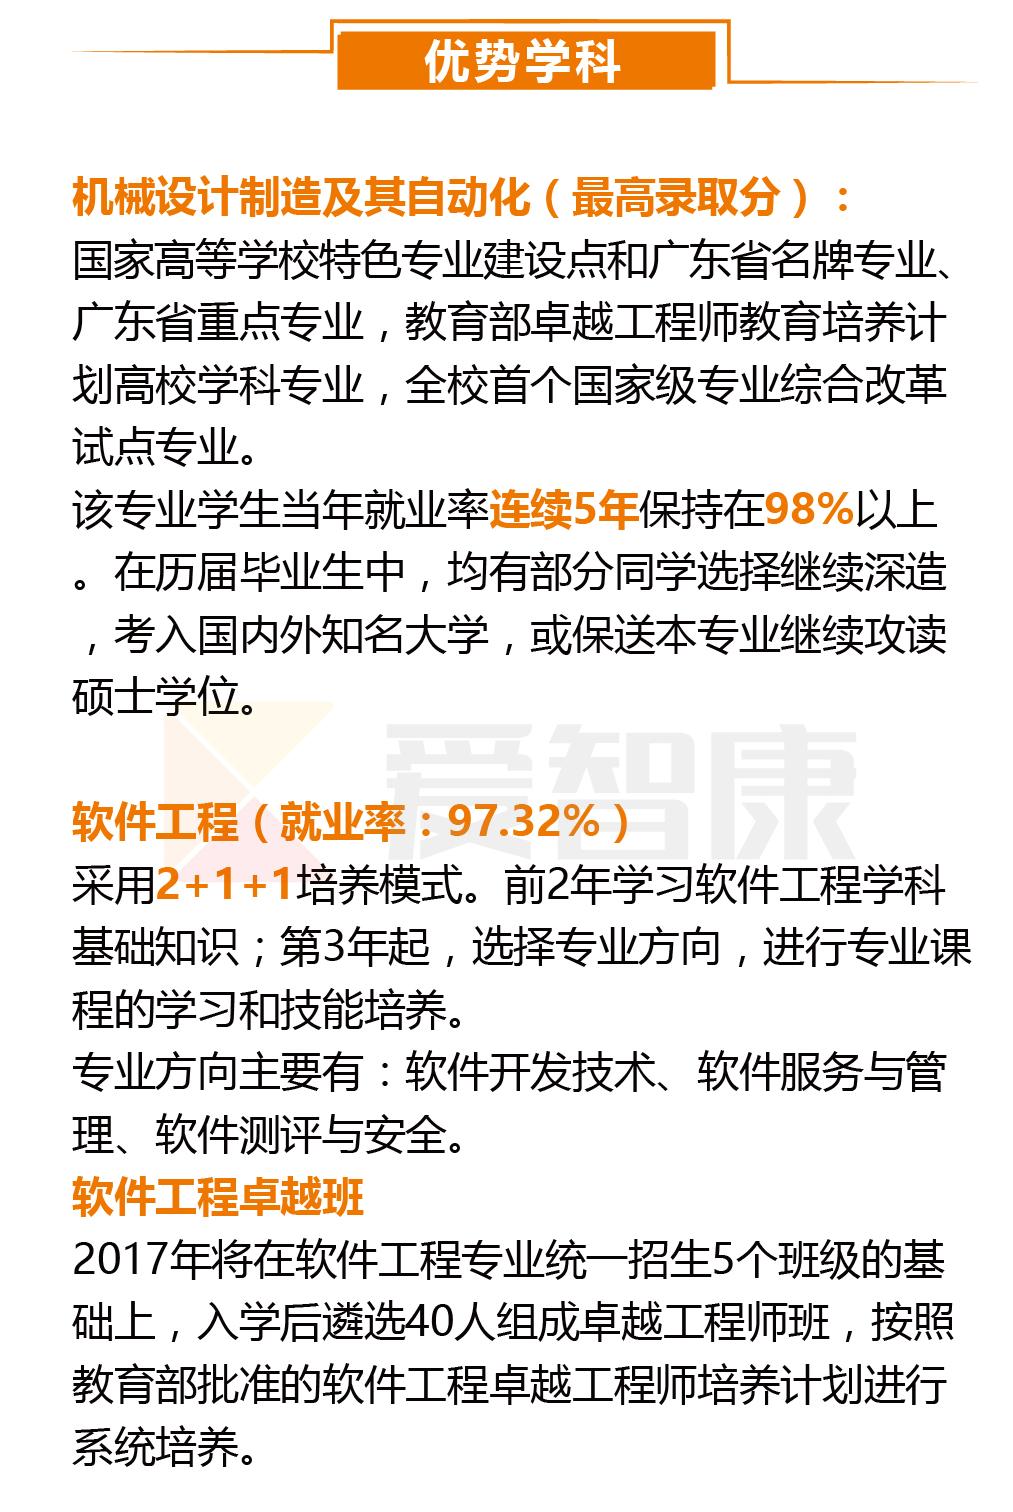 广东工业大学优势学科